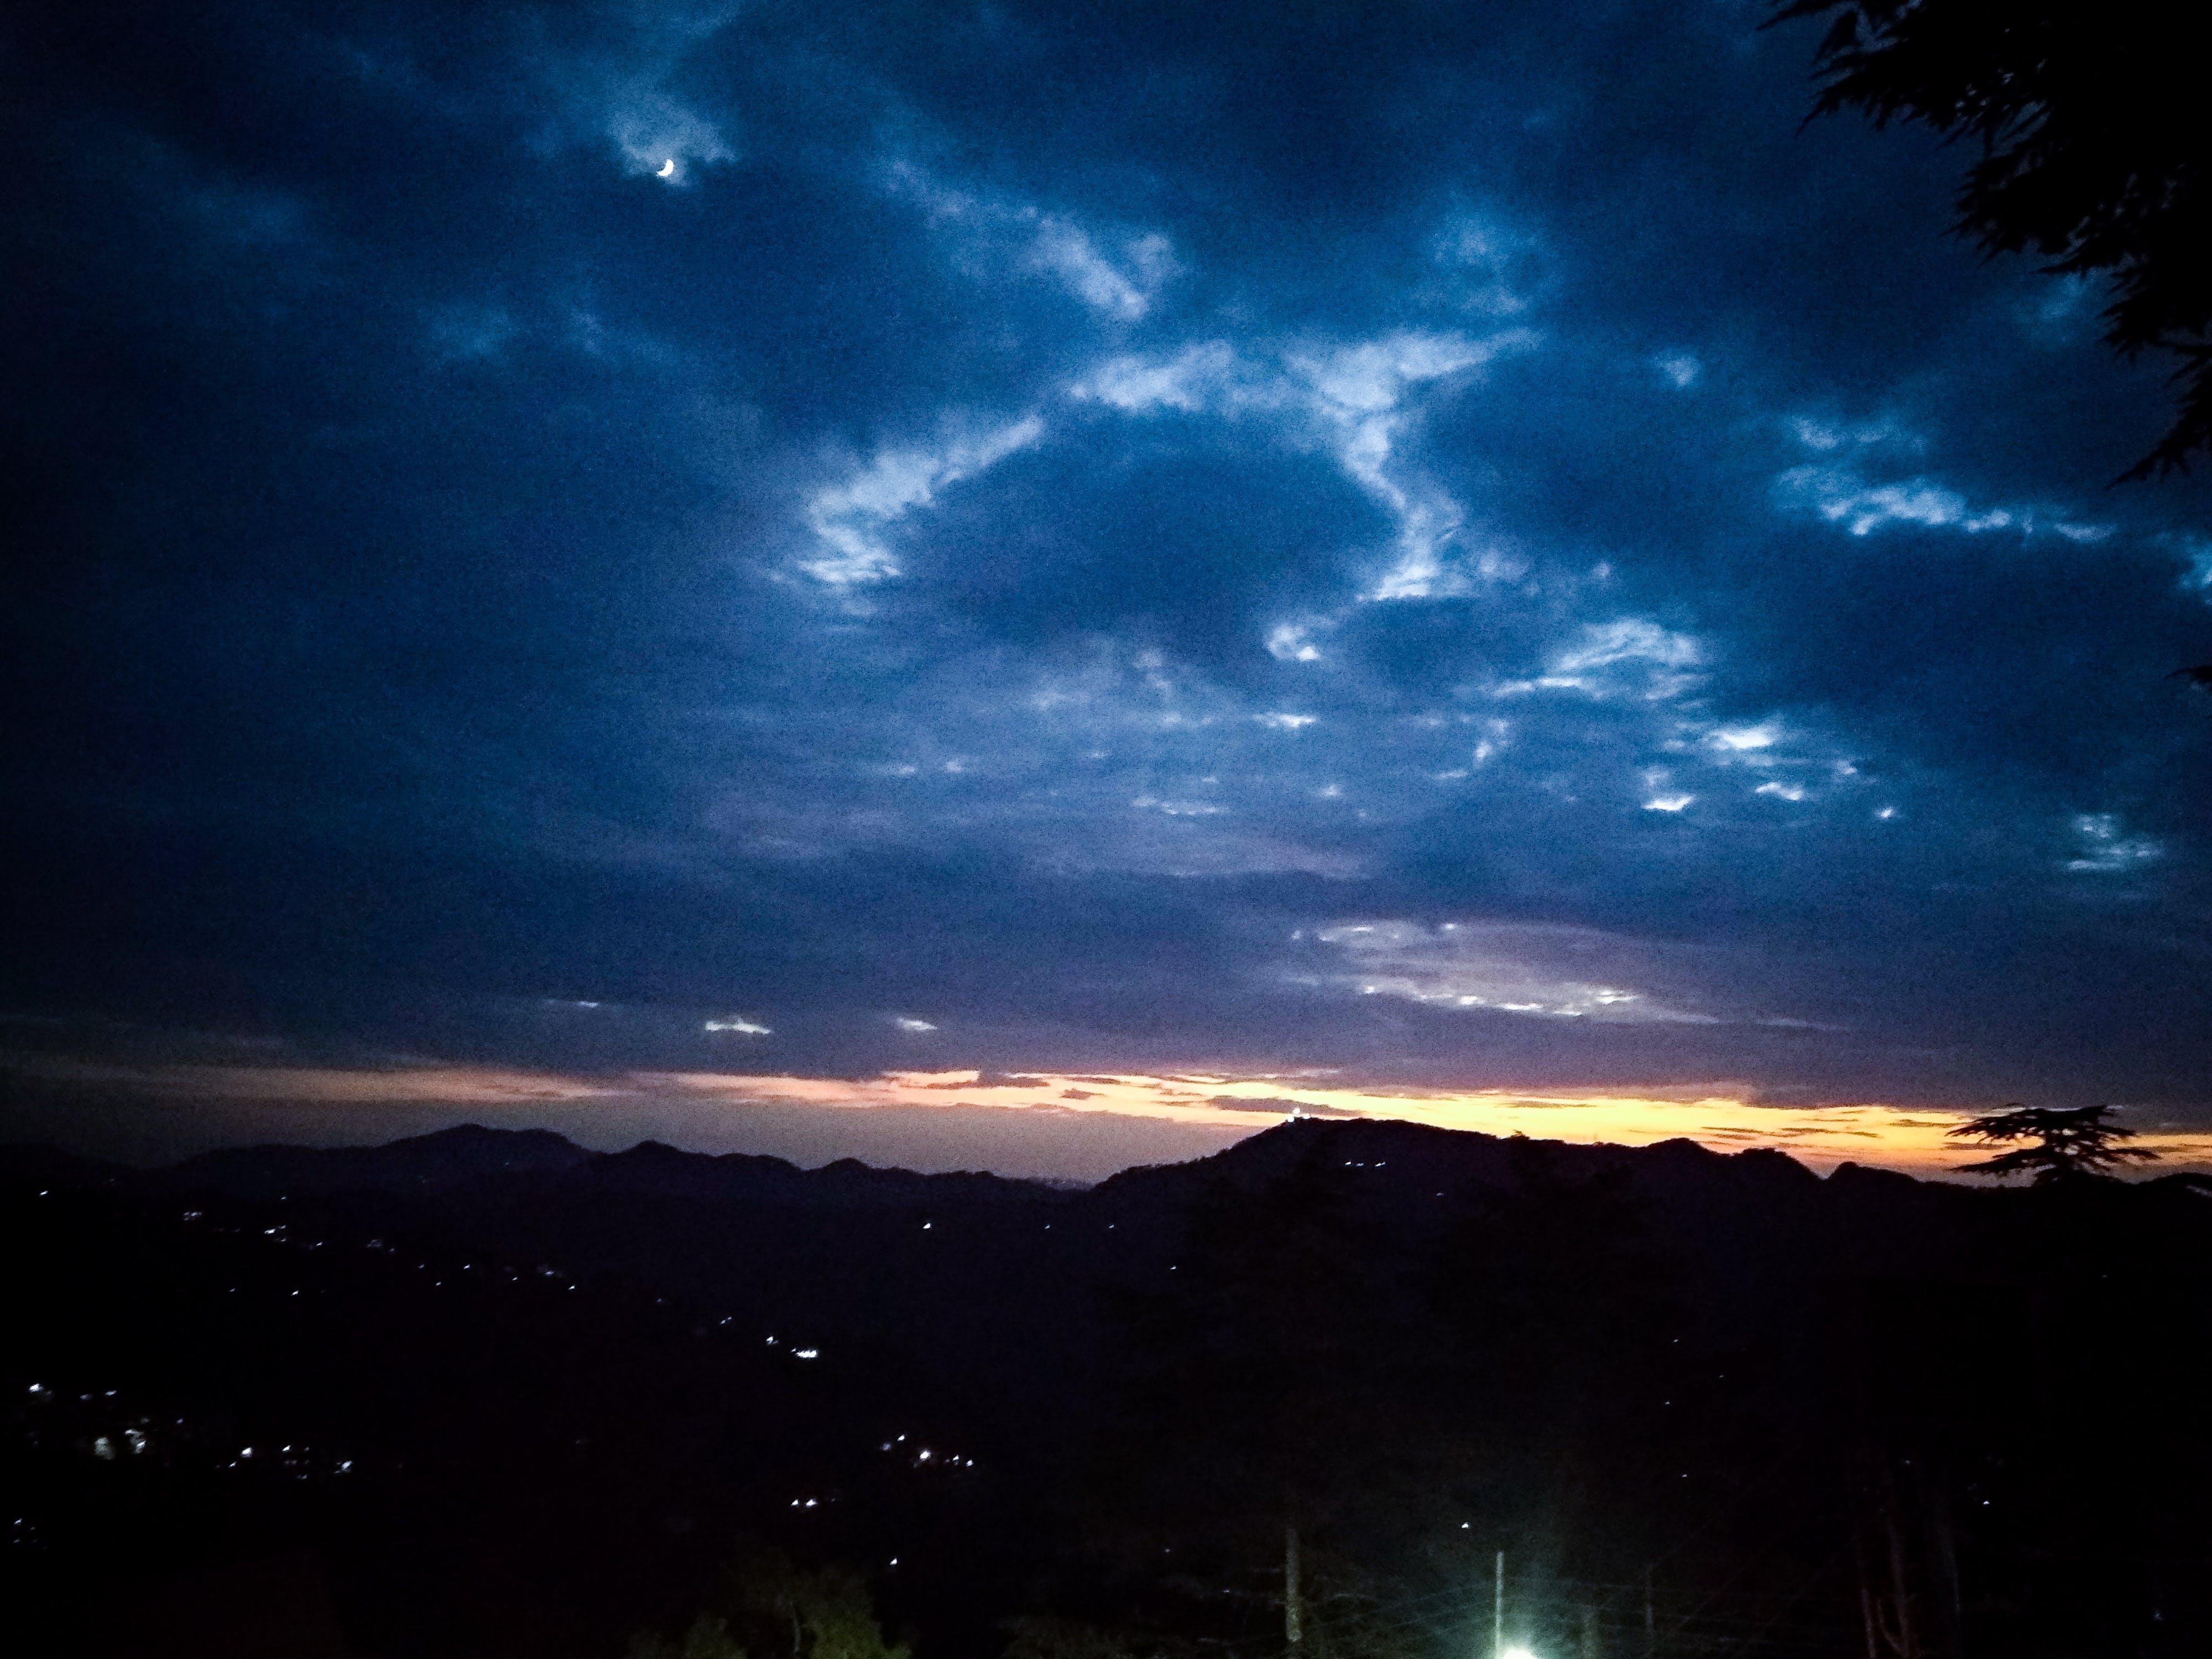 구름, 날씨, 일몰, 자연 배경의 무료 스톡 사진